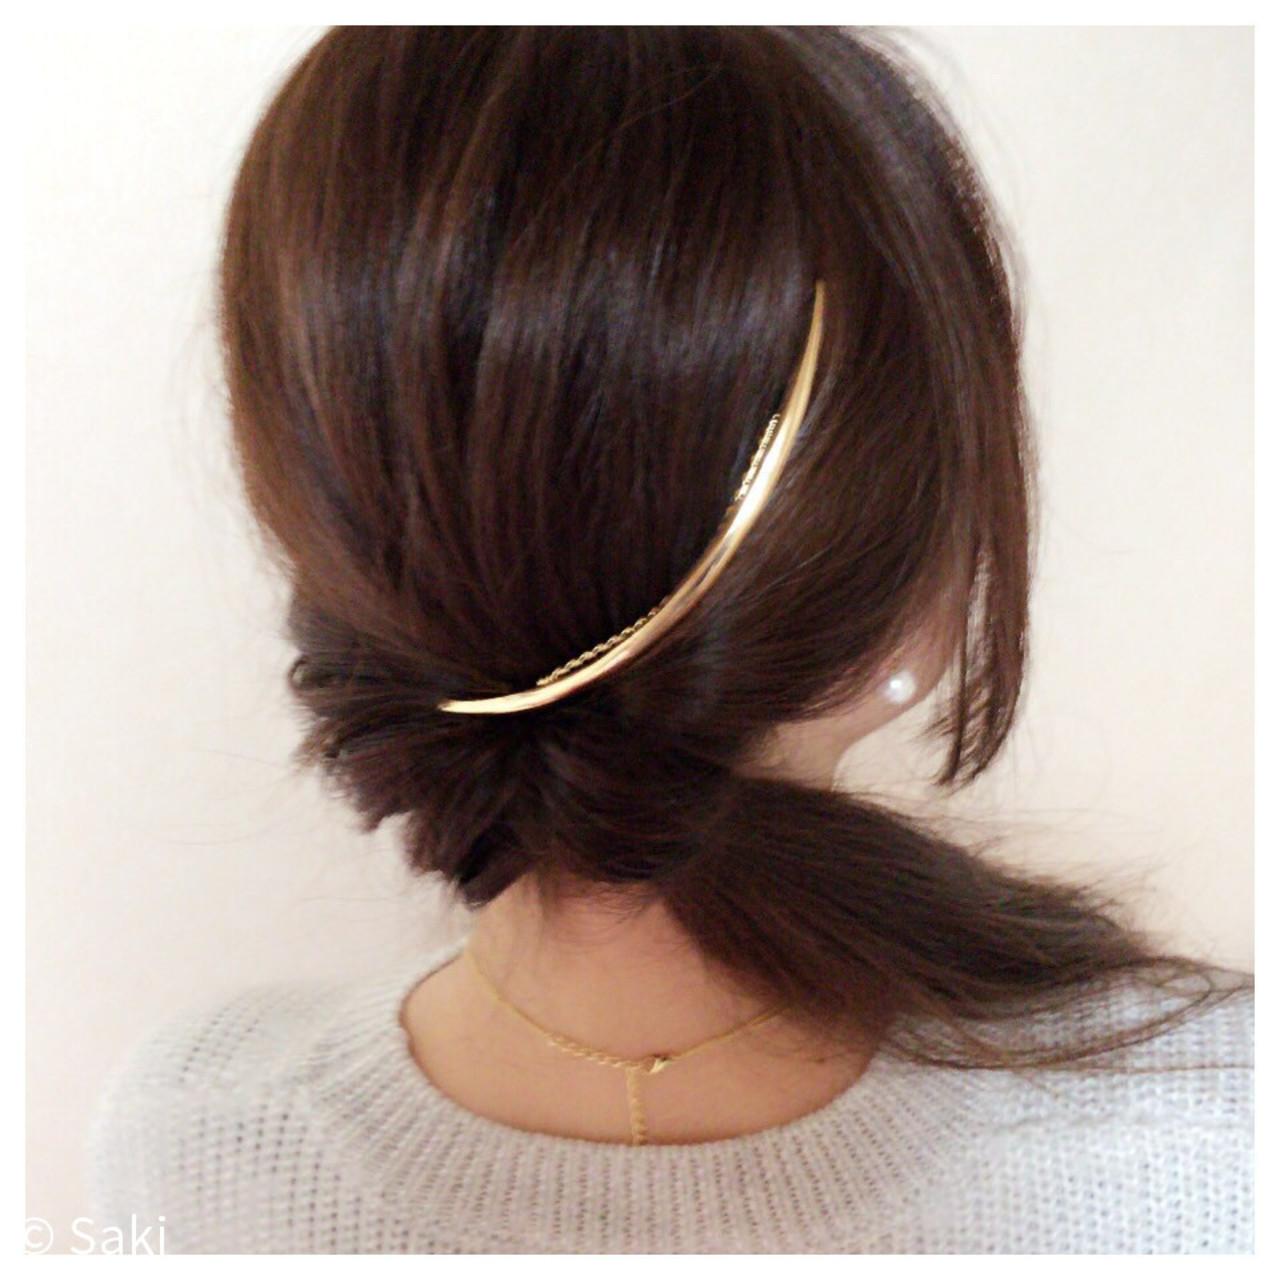 大人かわいい フェミニン ナチュラル ロング ヘアスタイルや髪型の写真・画像